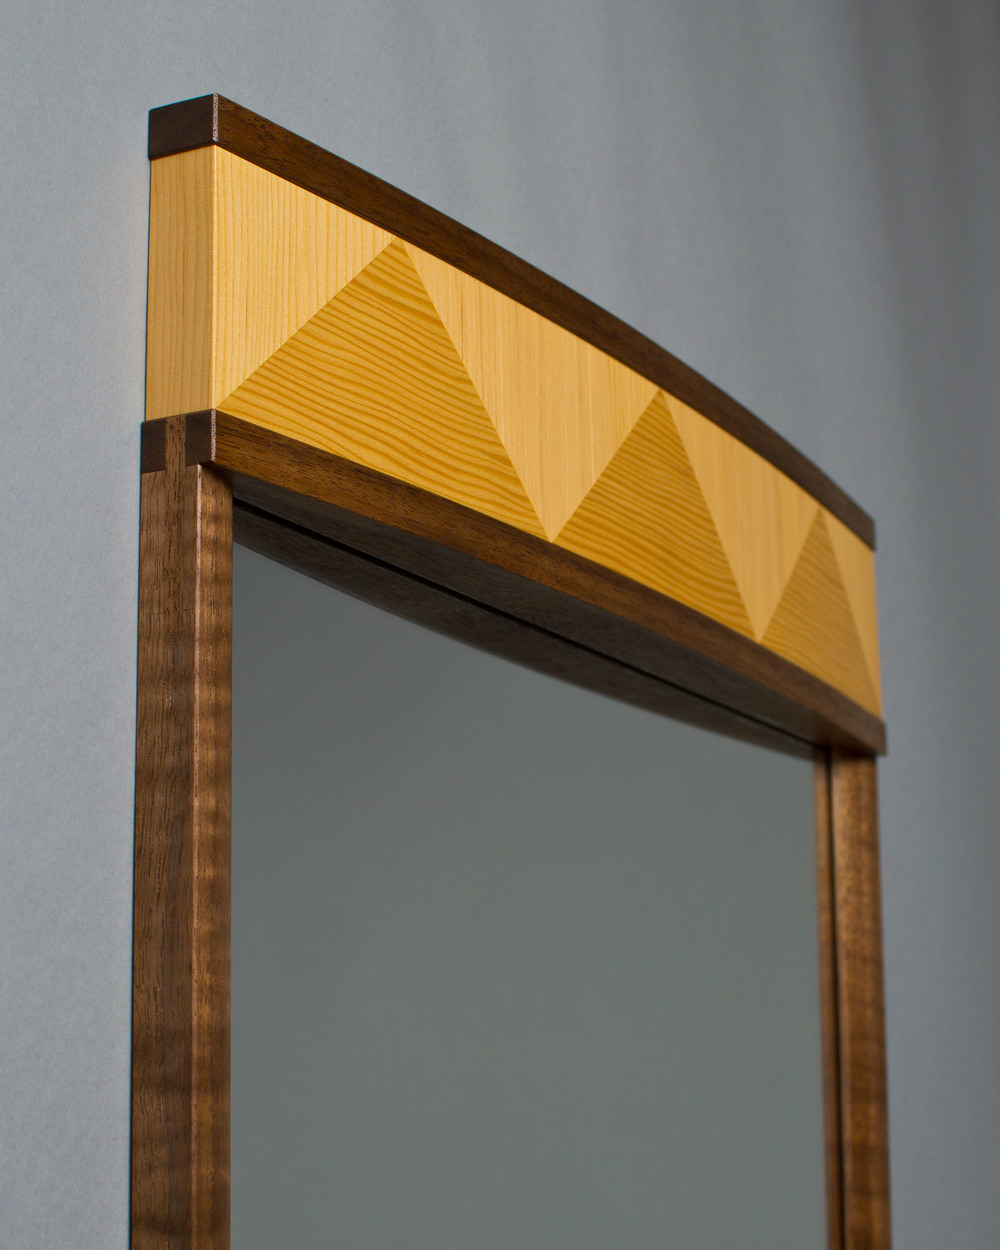 curved crown on top of mirror made of douglas-fir veneer